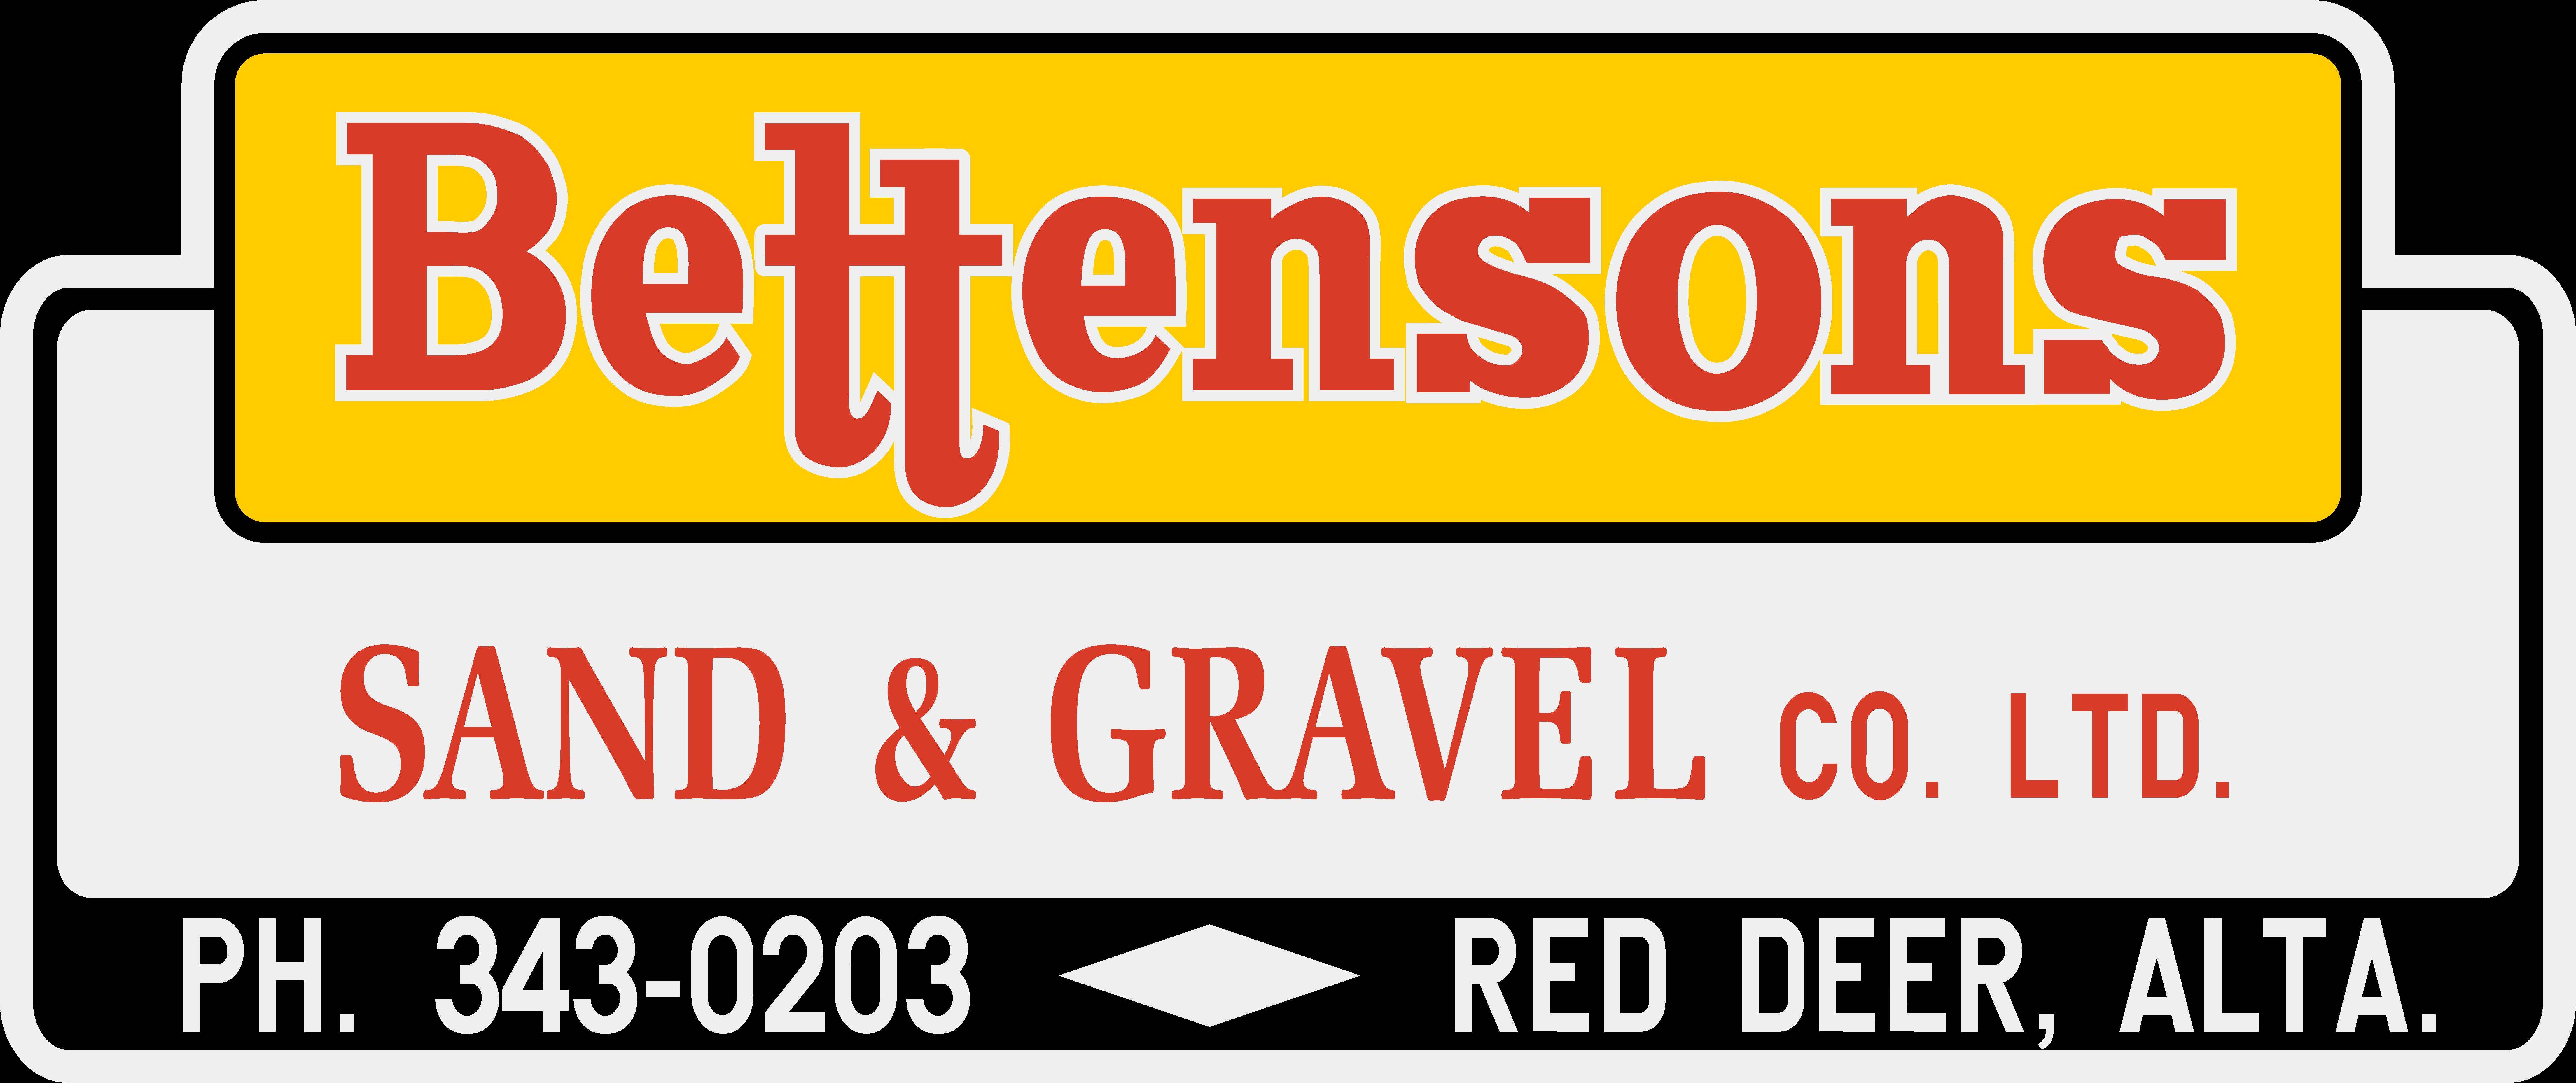 Bettenson's Sand & Gravel 2017